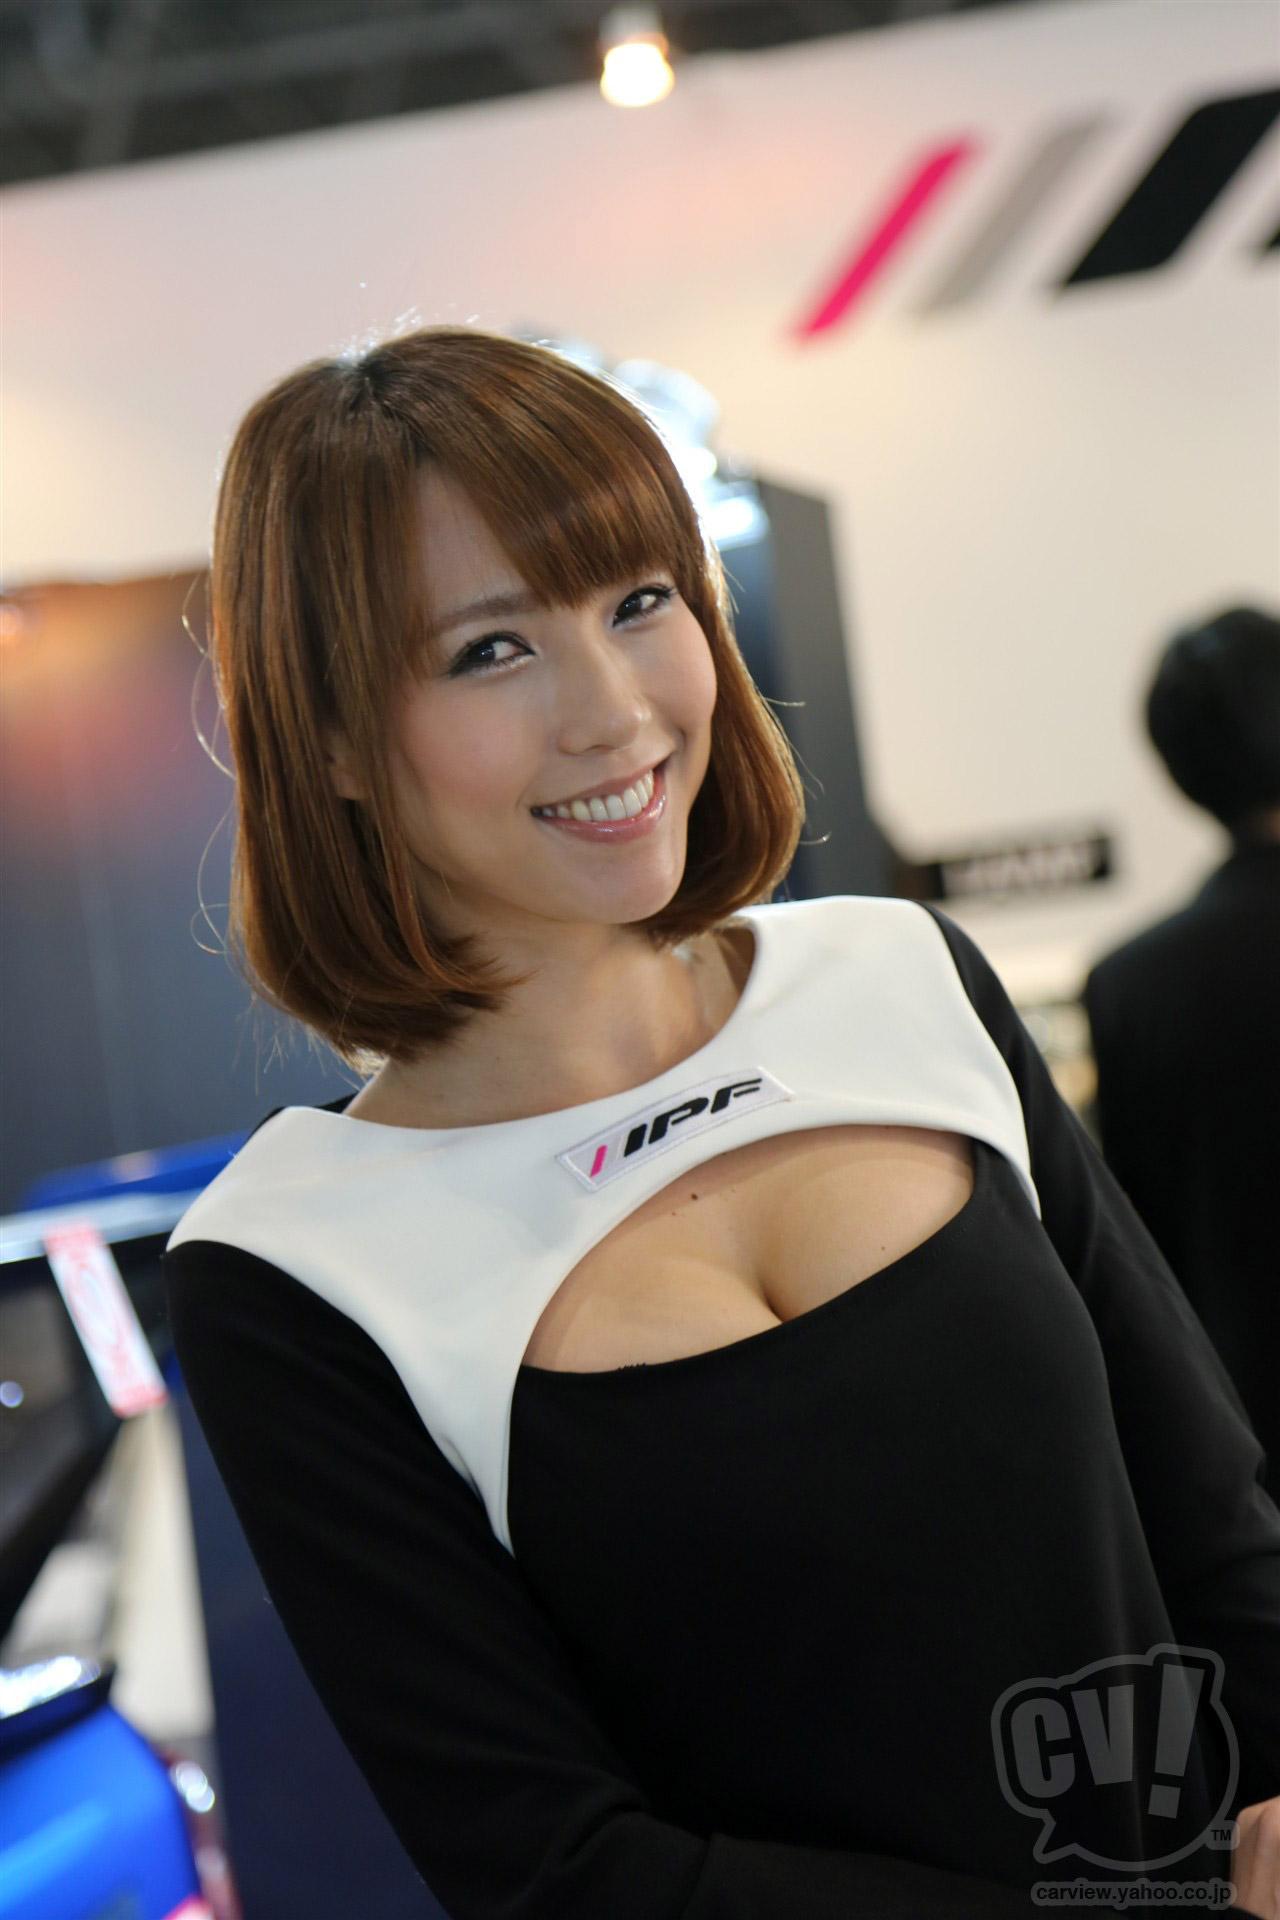 【キャンギャルエロ画像】お近づきになりたいキャンギャル、主に目的はその乳ですが何か? 26